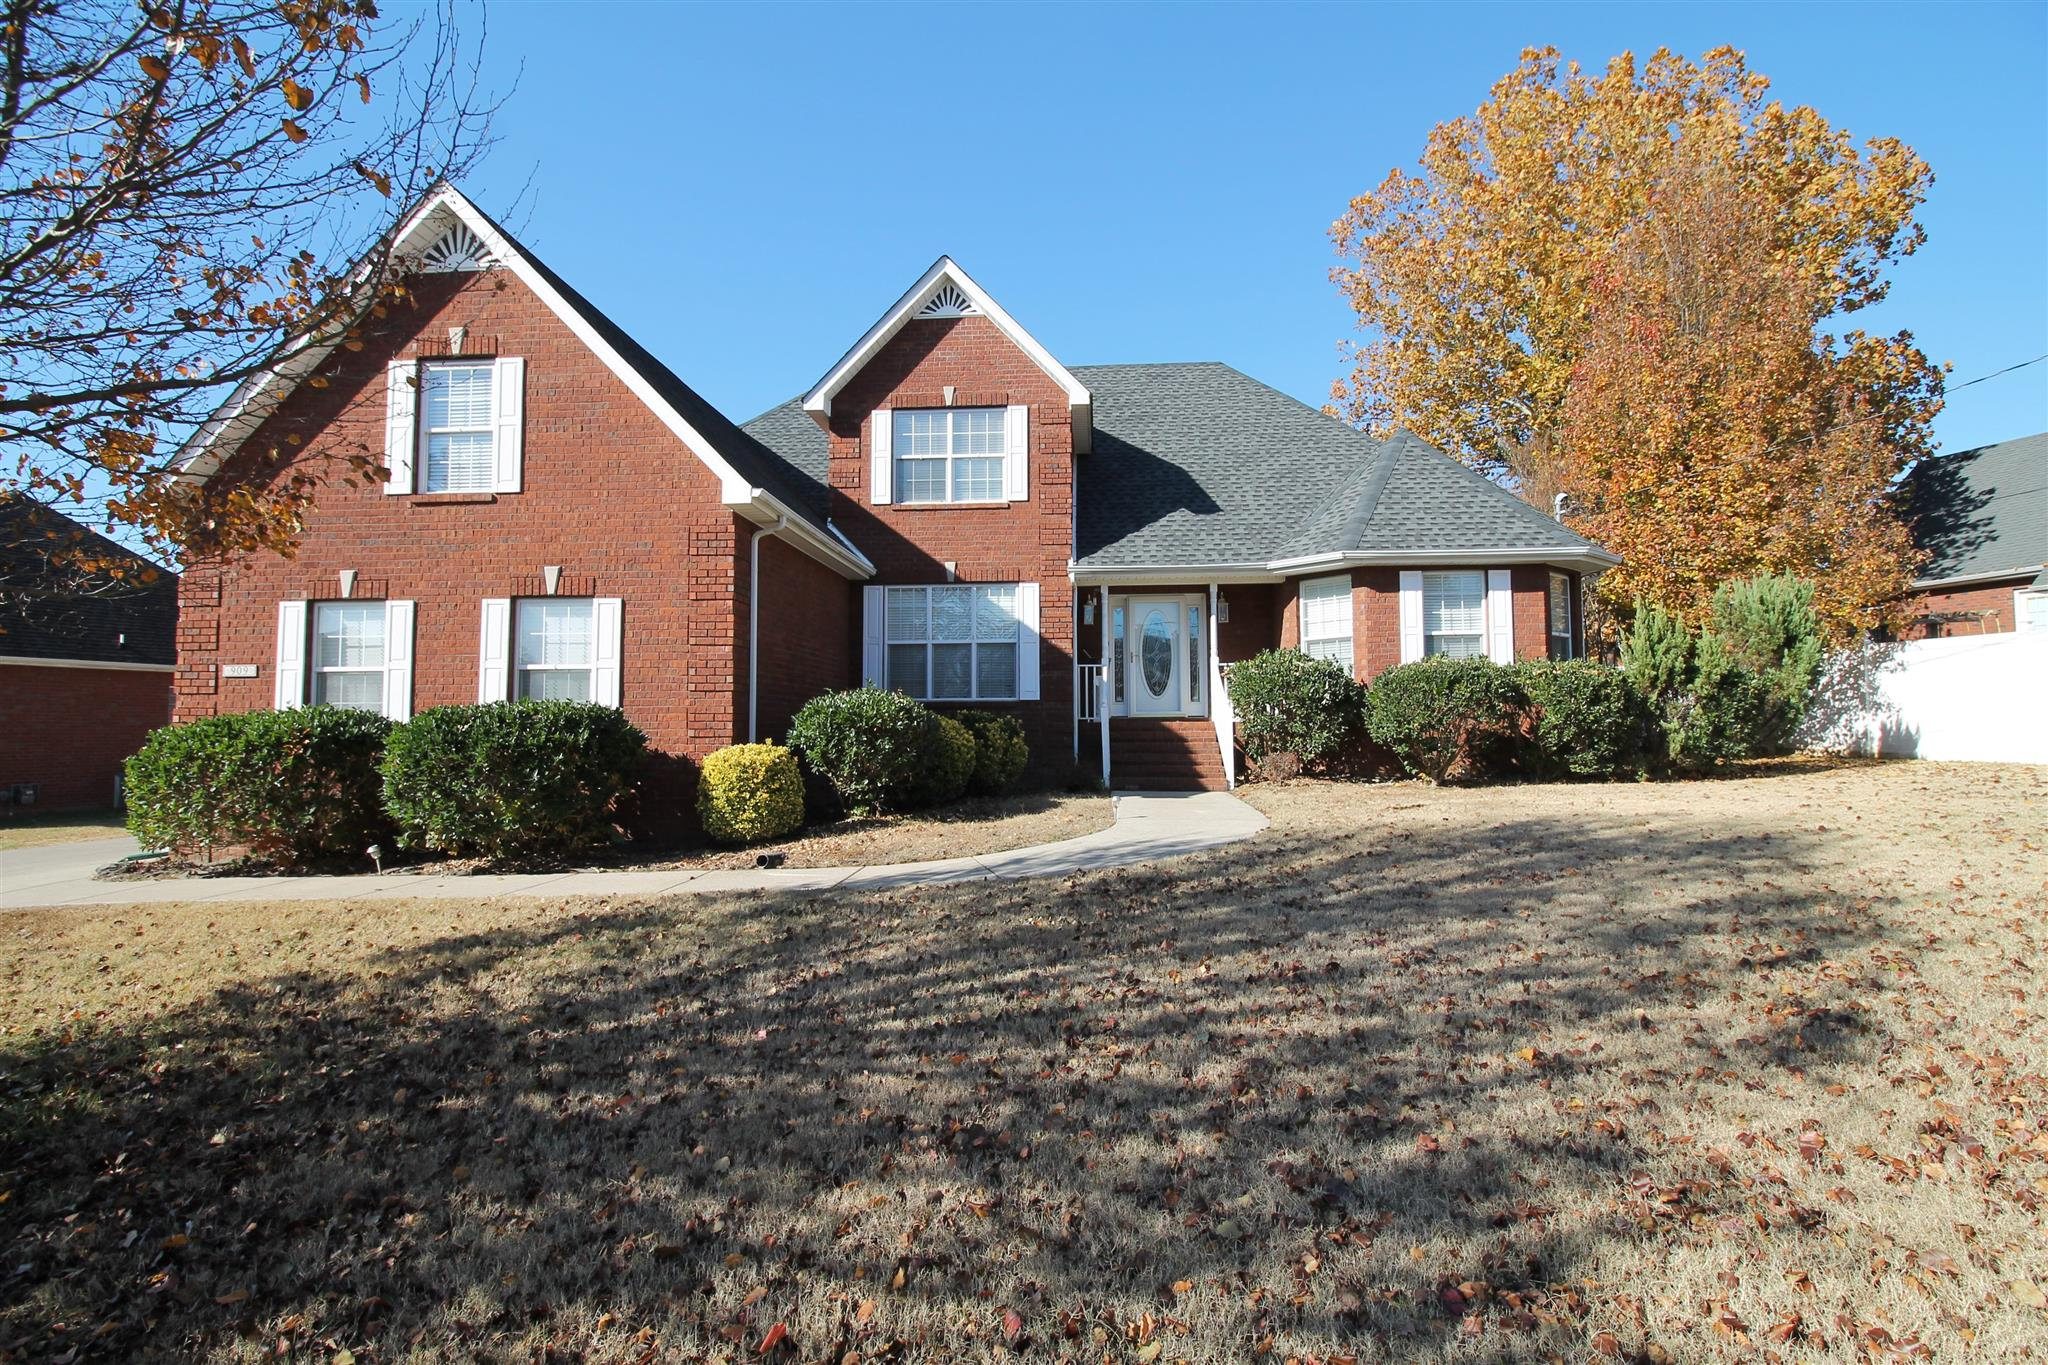 909 Stewart Valley Dr, Smyrna, TN 37167